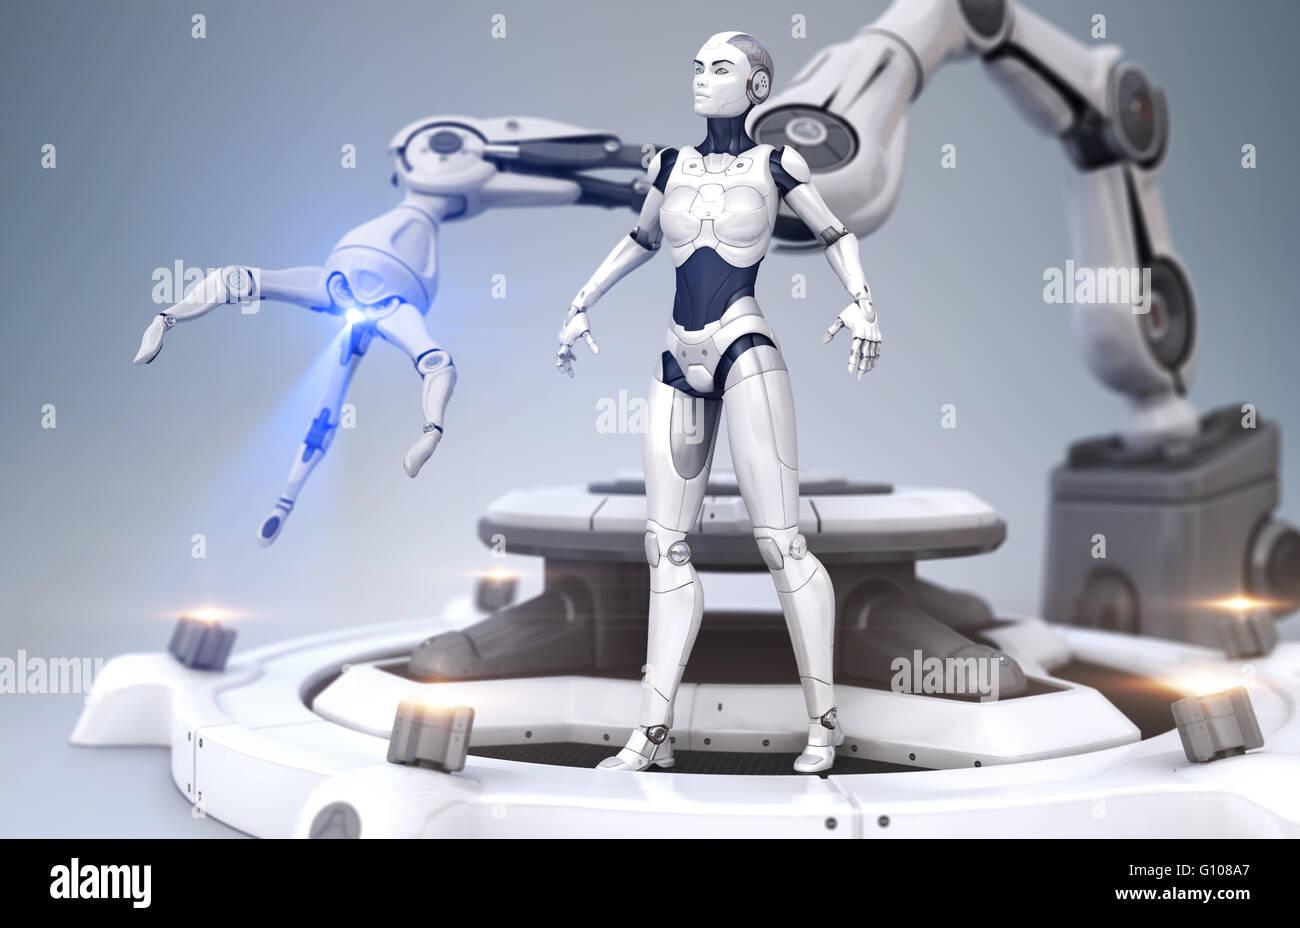 Sci-Fi robot e il braccio robotico Immagini Stock